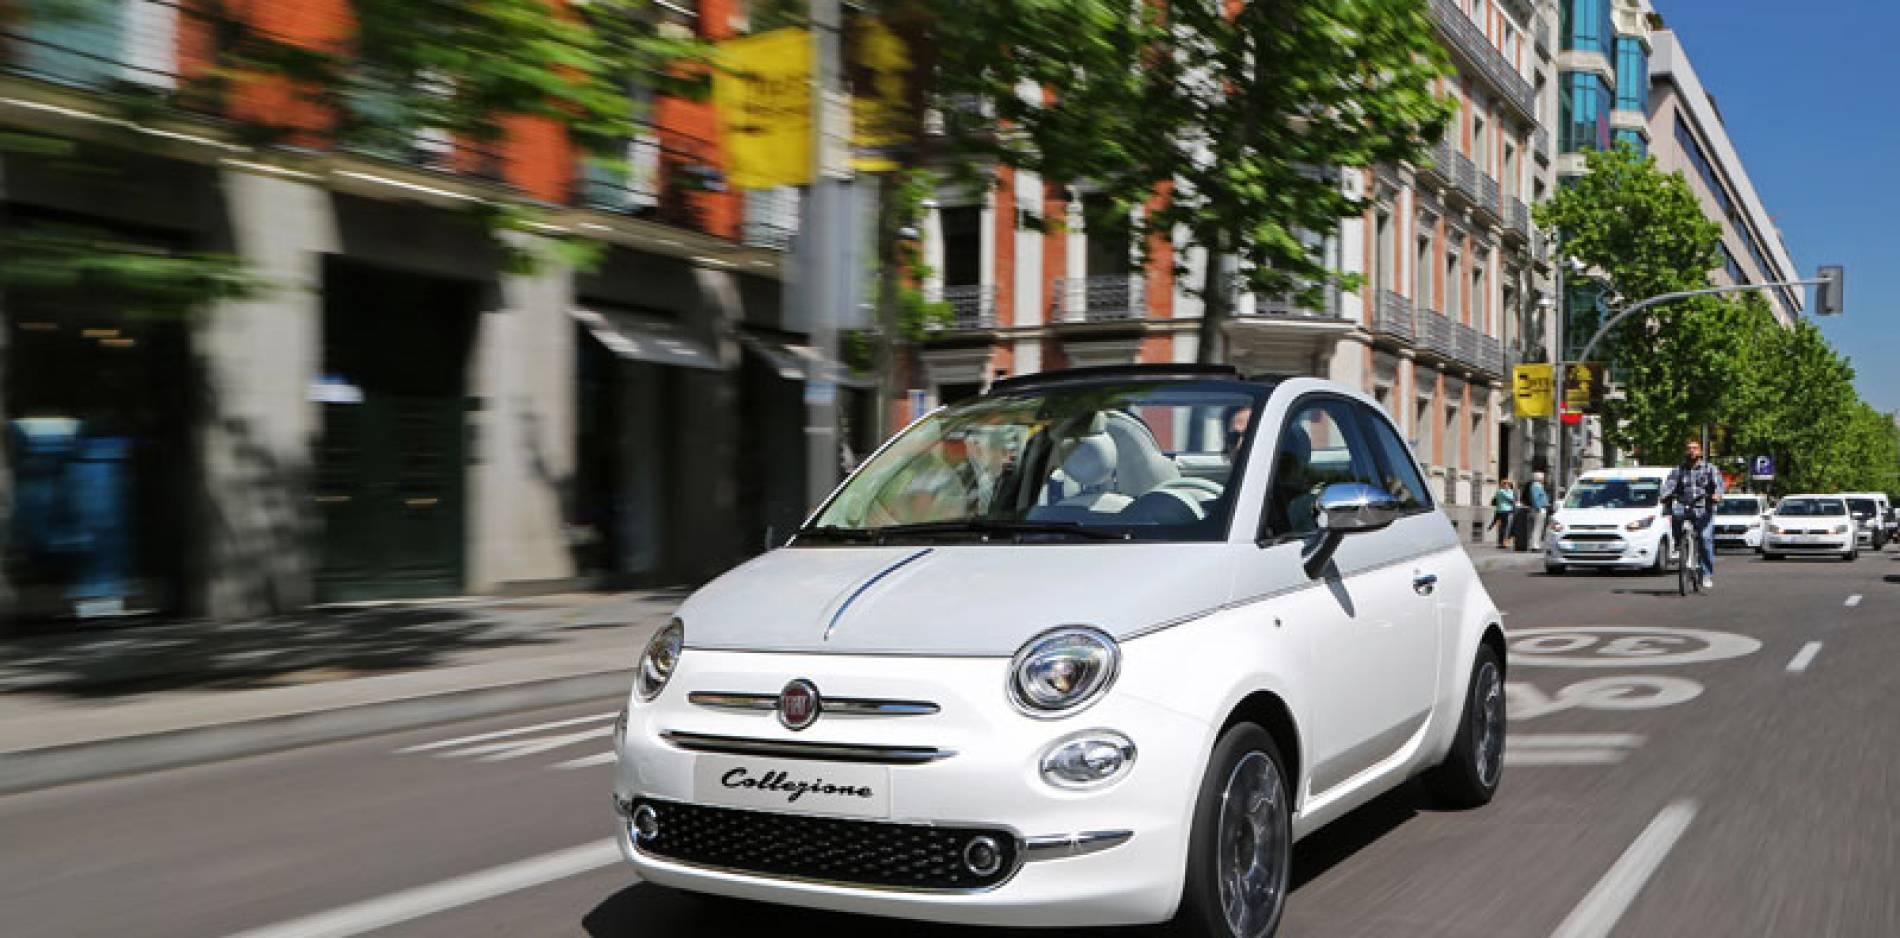 El nuevo Fiat 500 Collezione ya desfila por las calles de Madrid